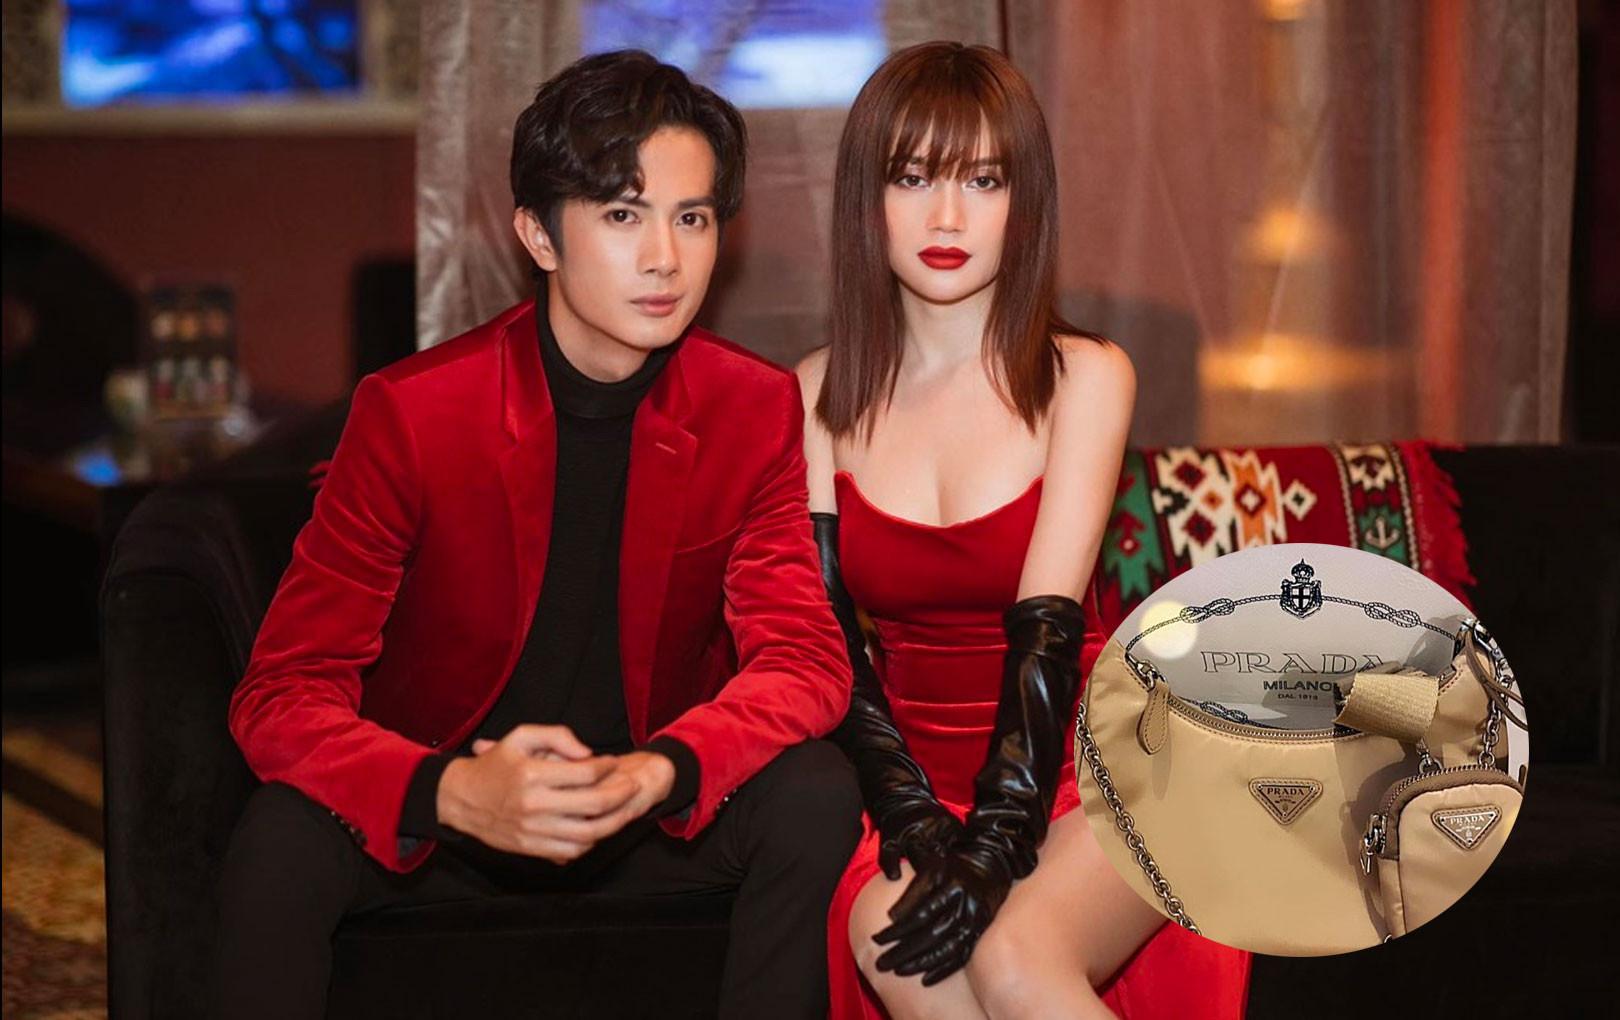 """Huỳnh Phương tiếp tục trở thành """"bạn trai quốc dân"""" khi tặng túi hiệu đầu tiên cho Sĩ Thanh trong năm 2020"""